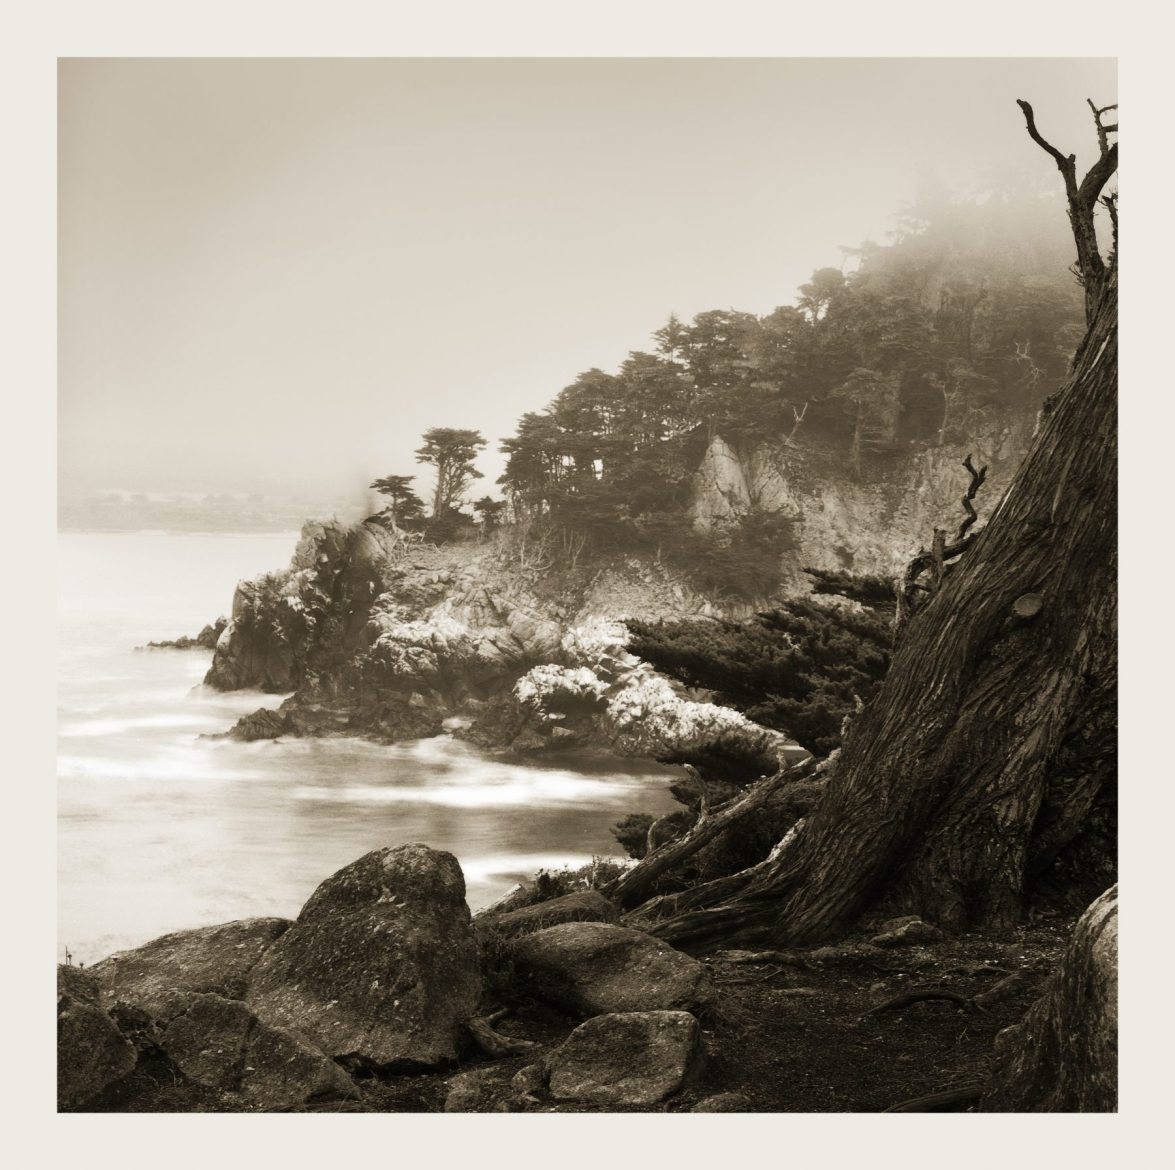 Treaaure Island © Jack Wasserbach